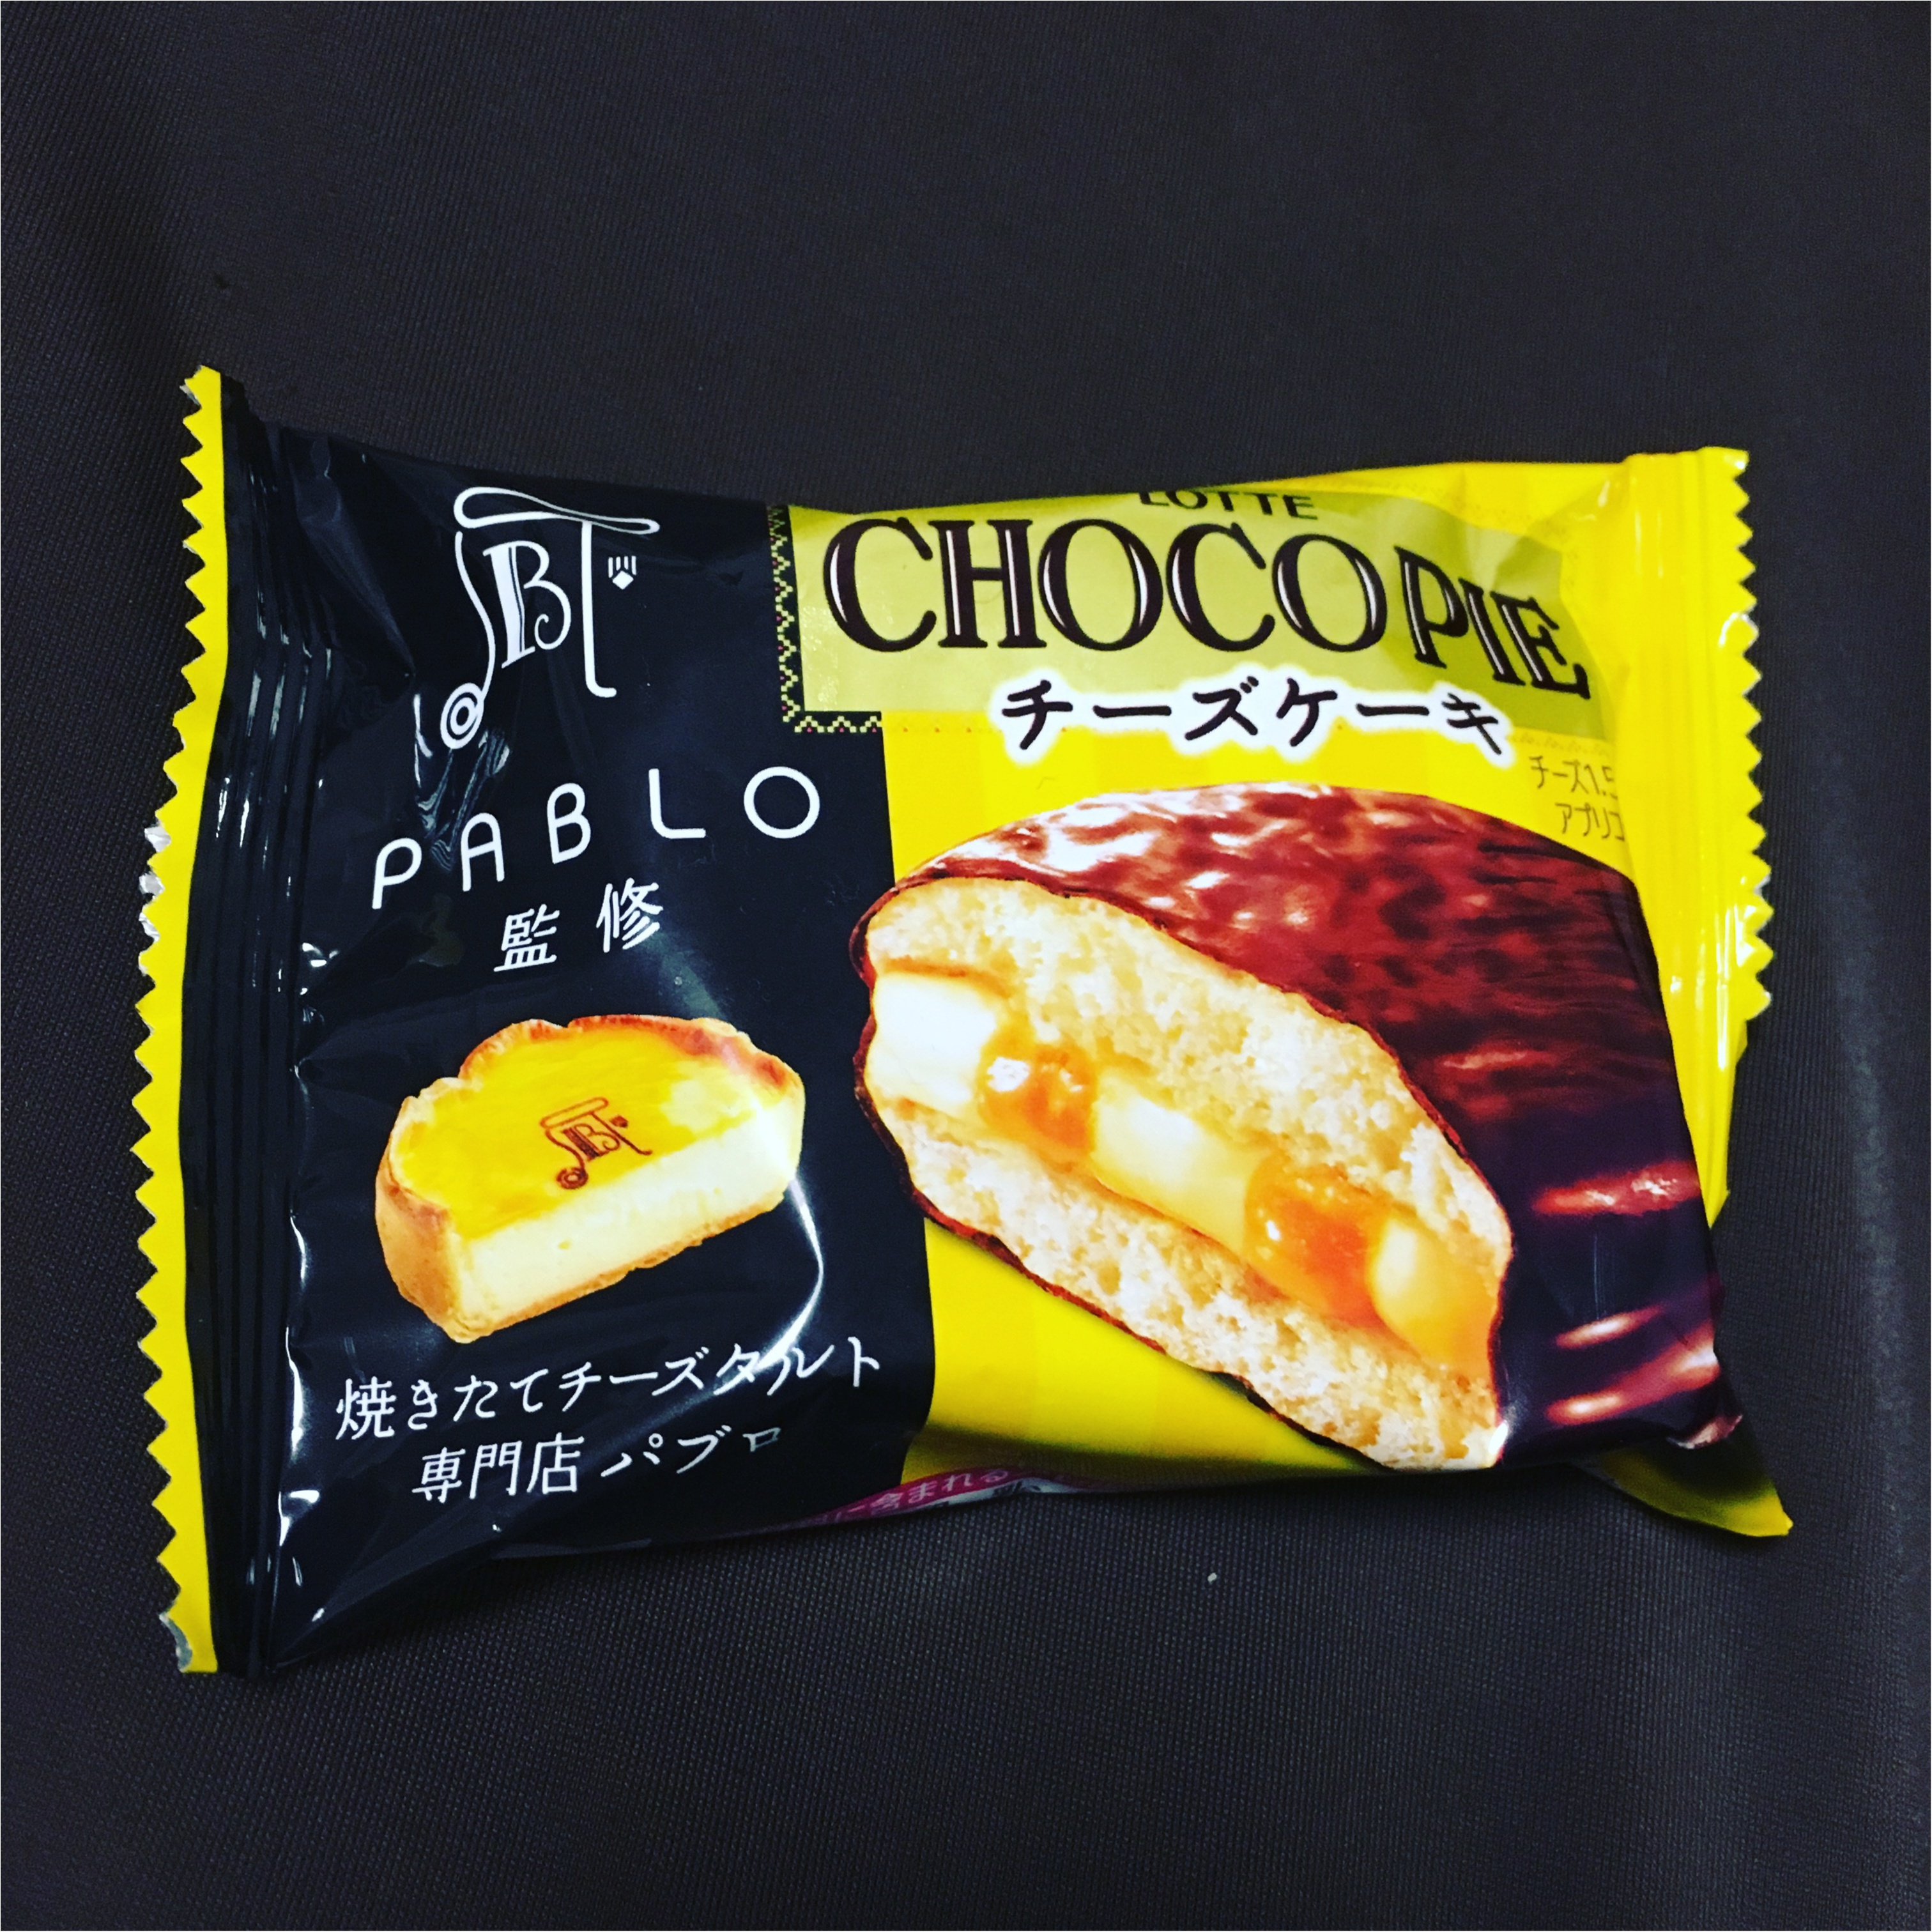 チョコパイのコラボが止まらないっ♡!!話題のチョコパイを食べ比べしちゃいました♡_5